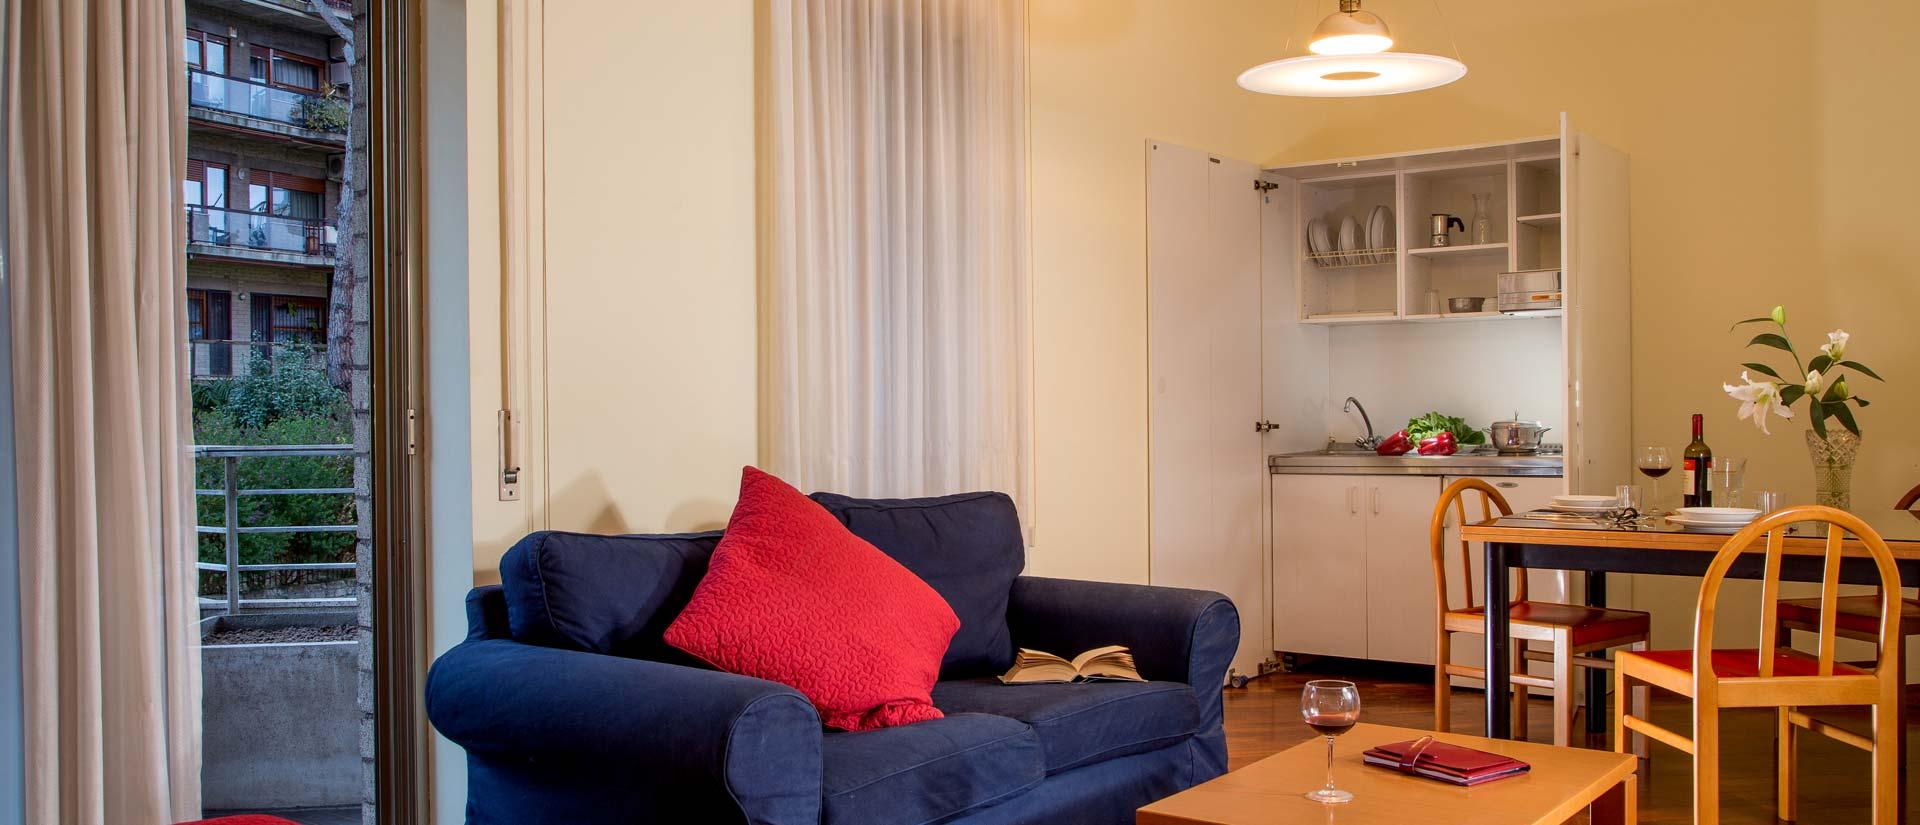 Residence parco salario prenotazione appartamenti in for Appartamenti centro roma